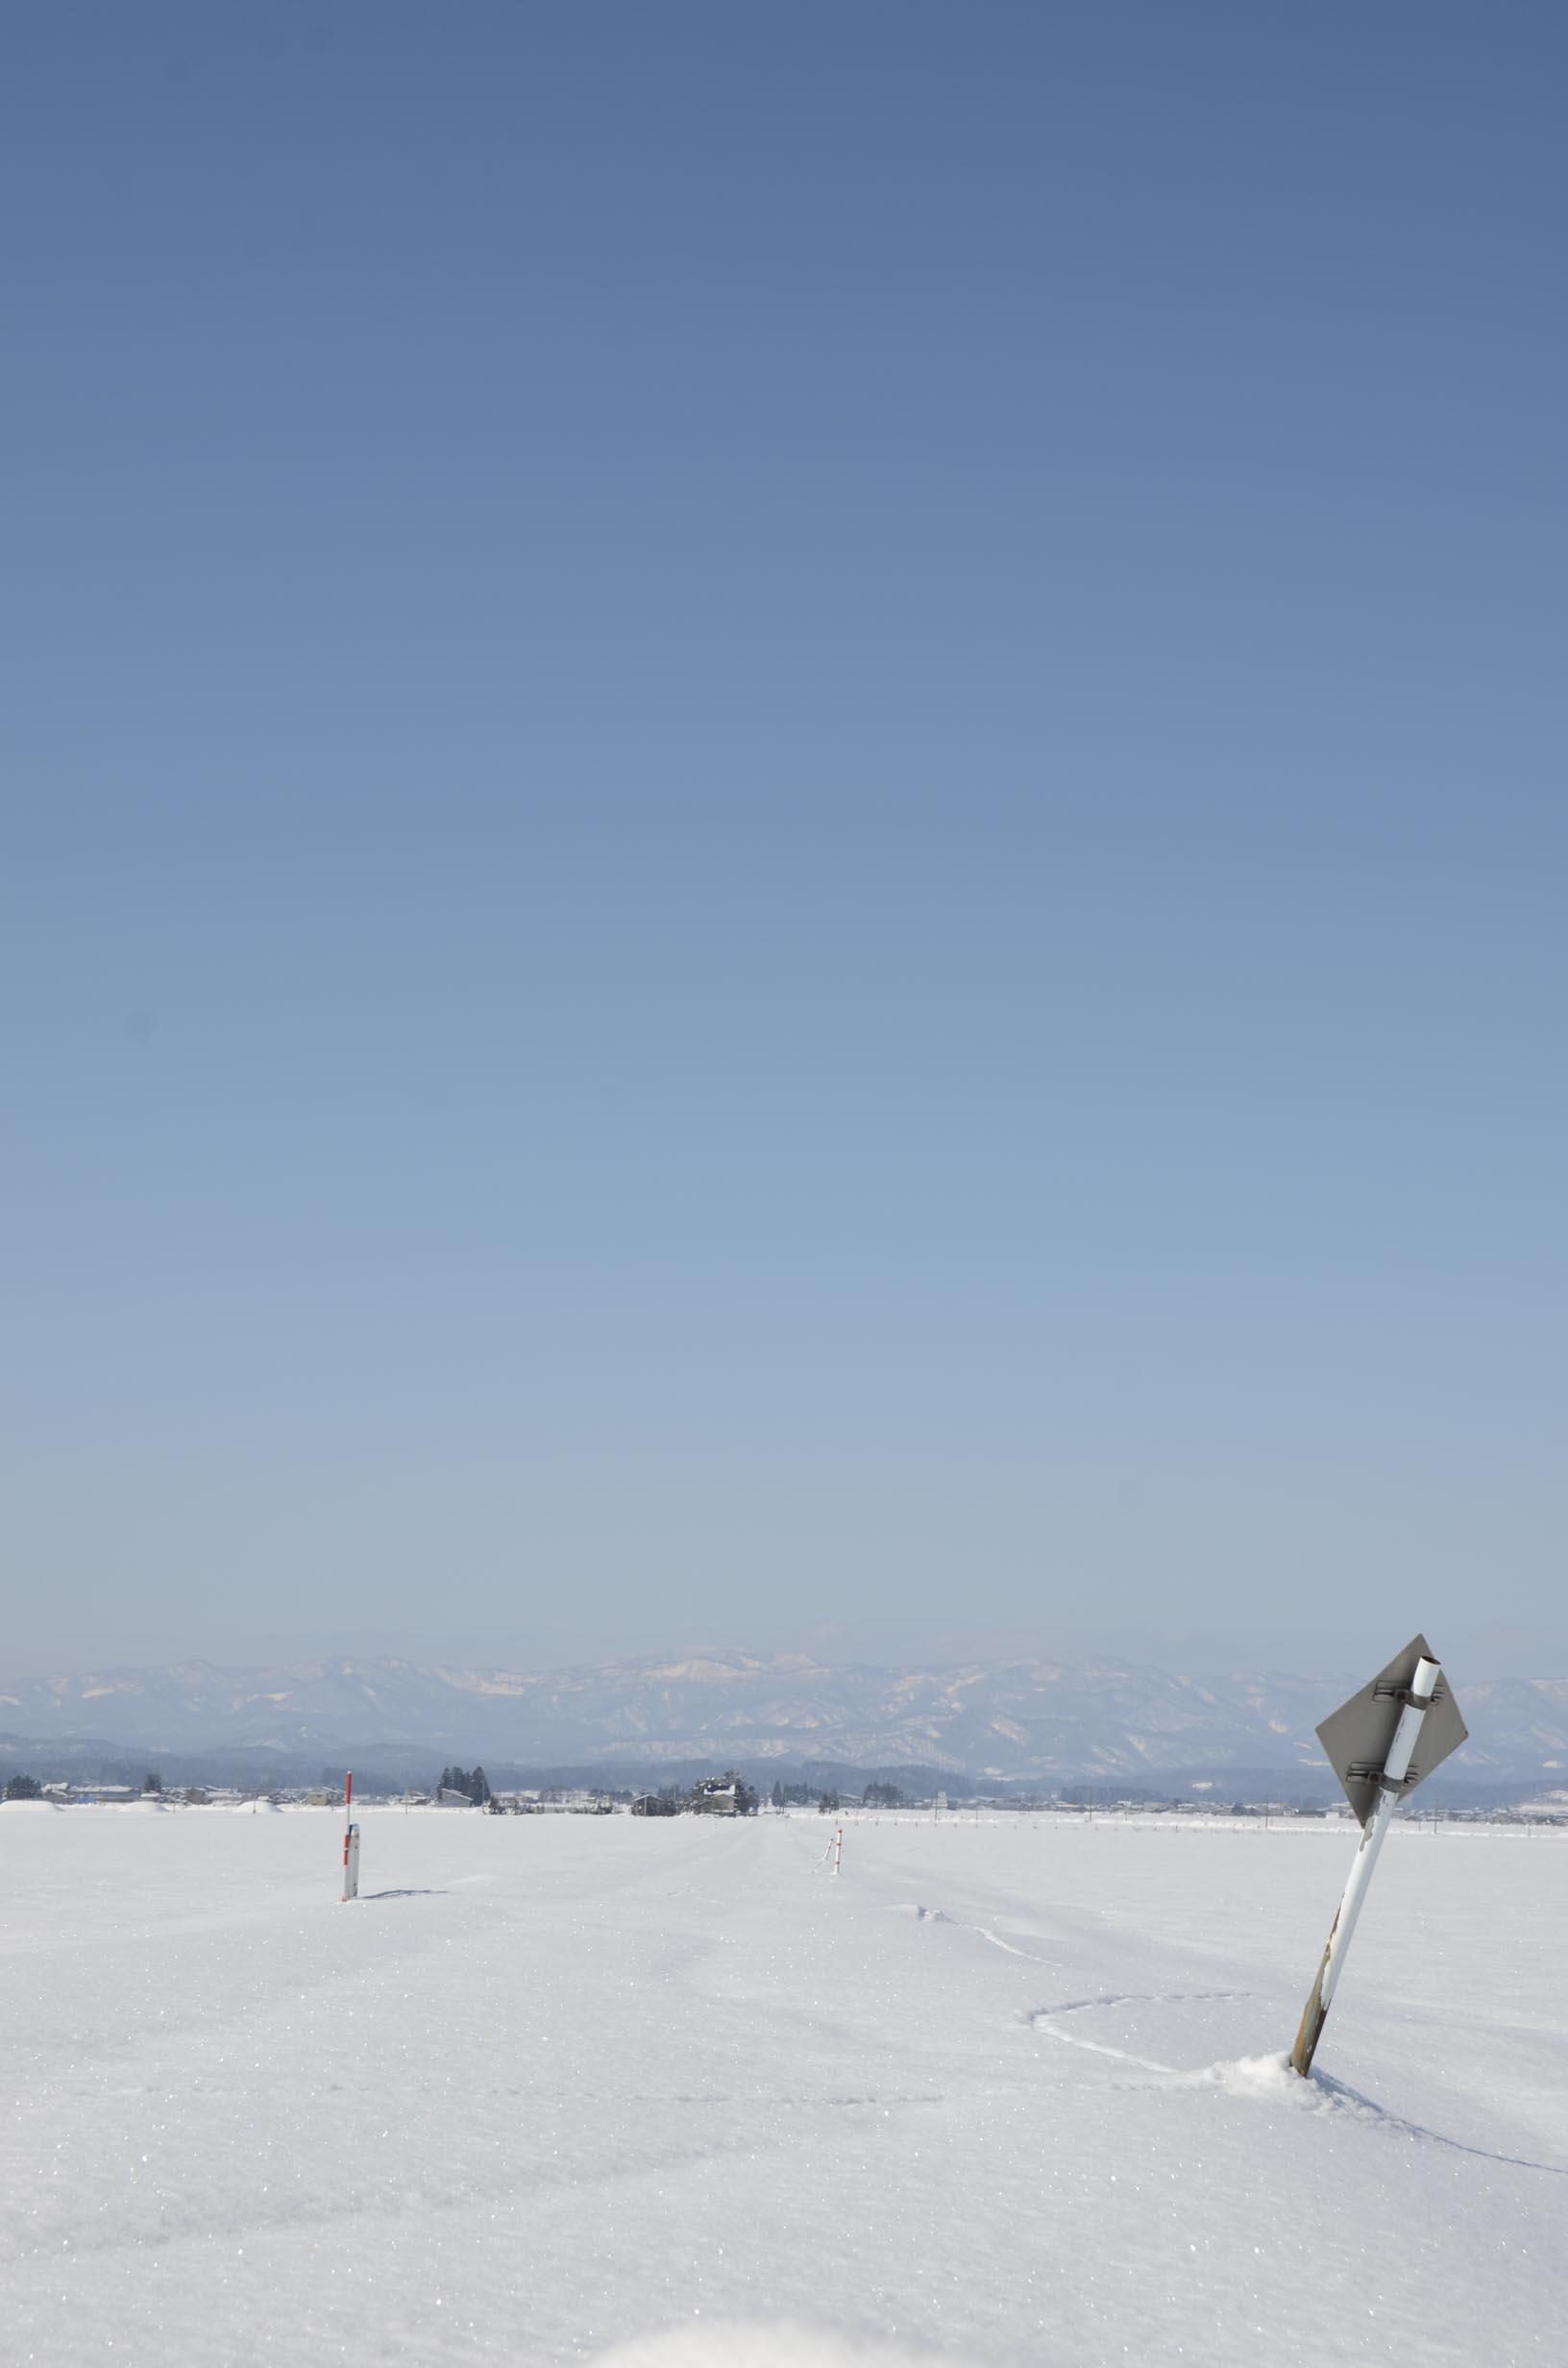 雪に埋もれた農道